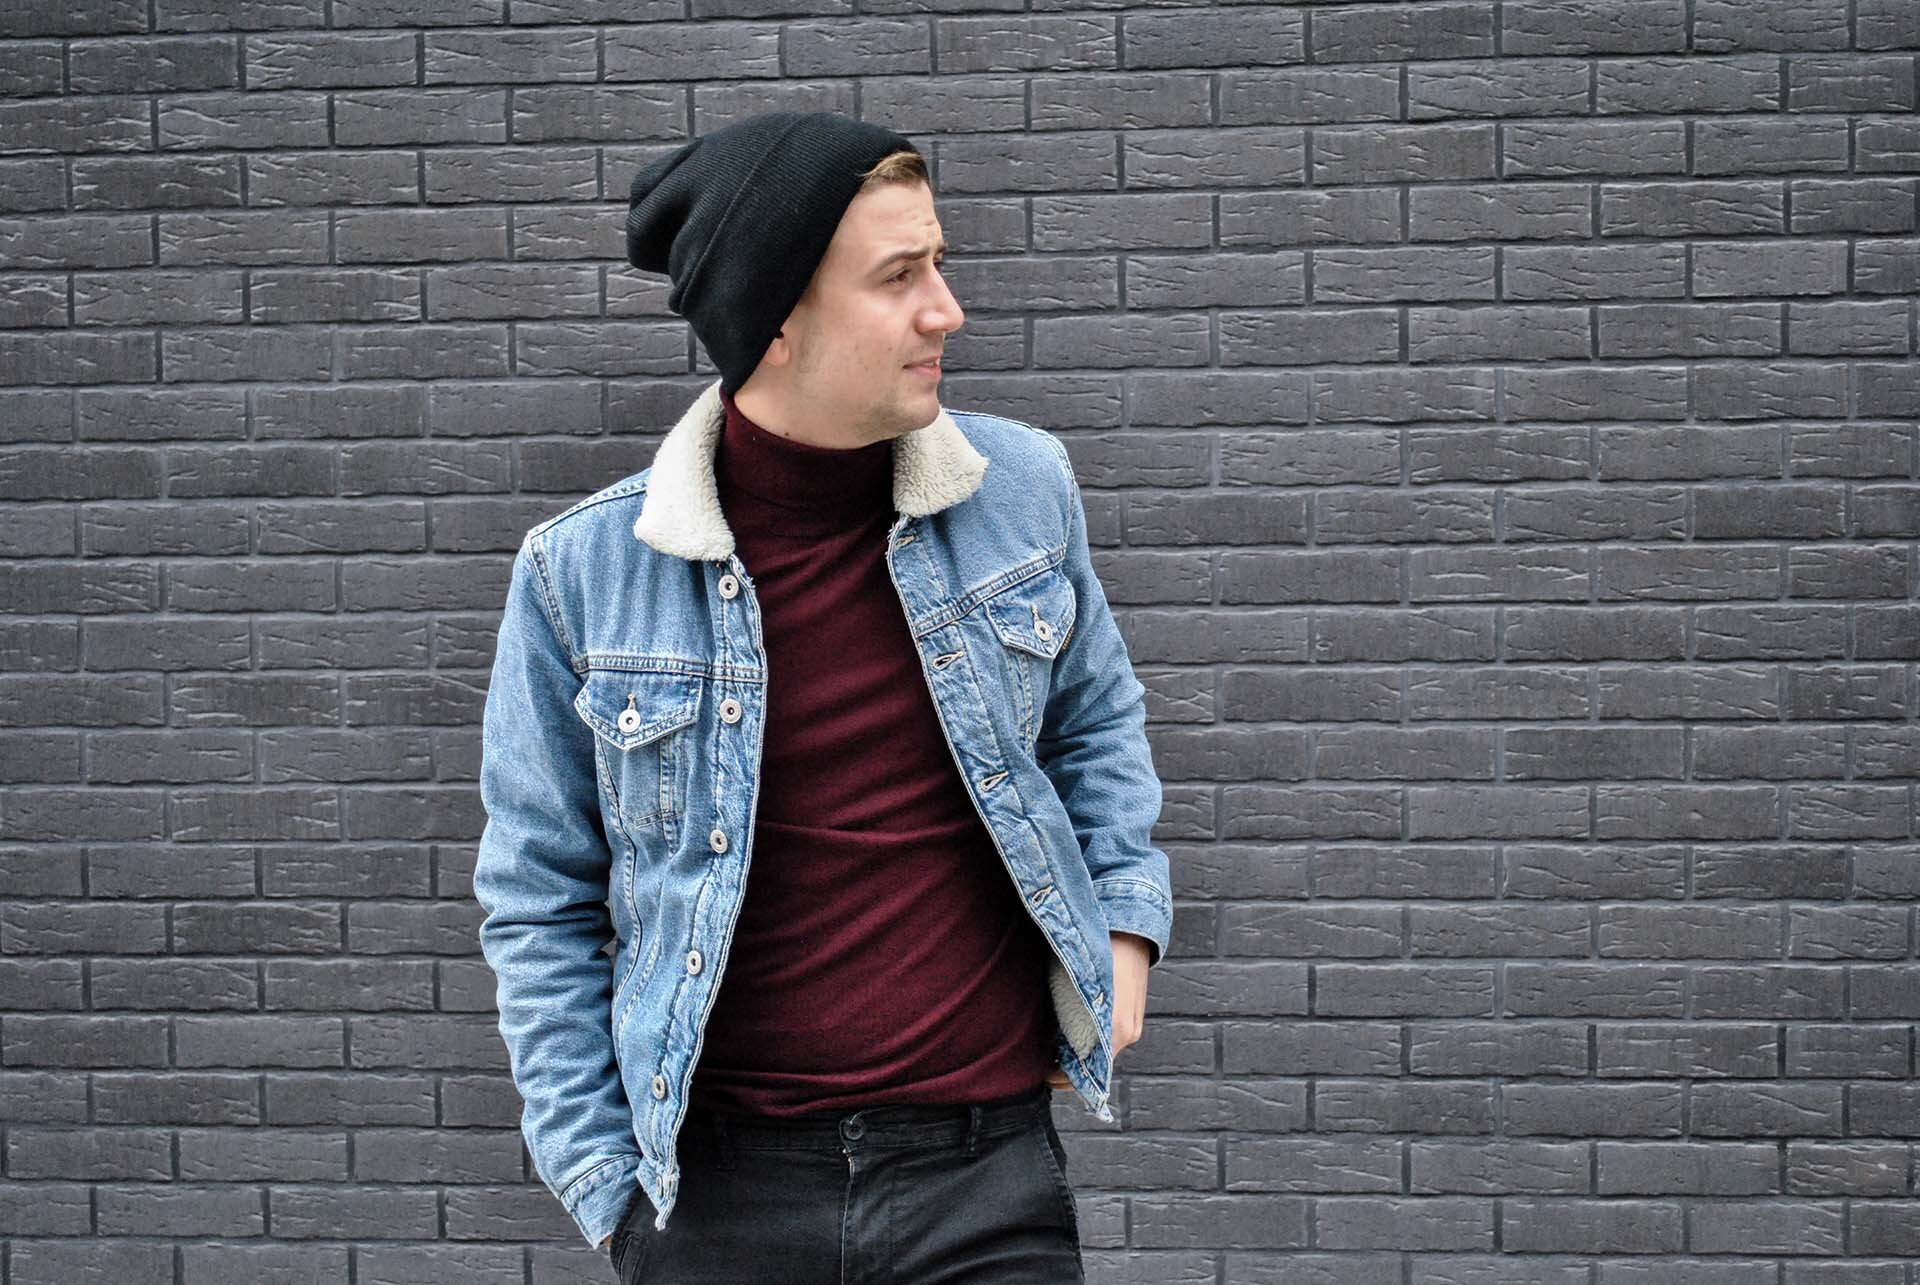 GMALE by Grzegorz Paliś, blog o modzie męskiej, Kurtka dżinsowa z kożuchem, Kurtka jeansowa, Bordowy golf, Casual